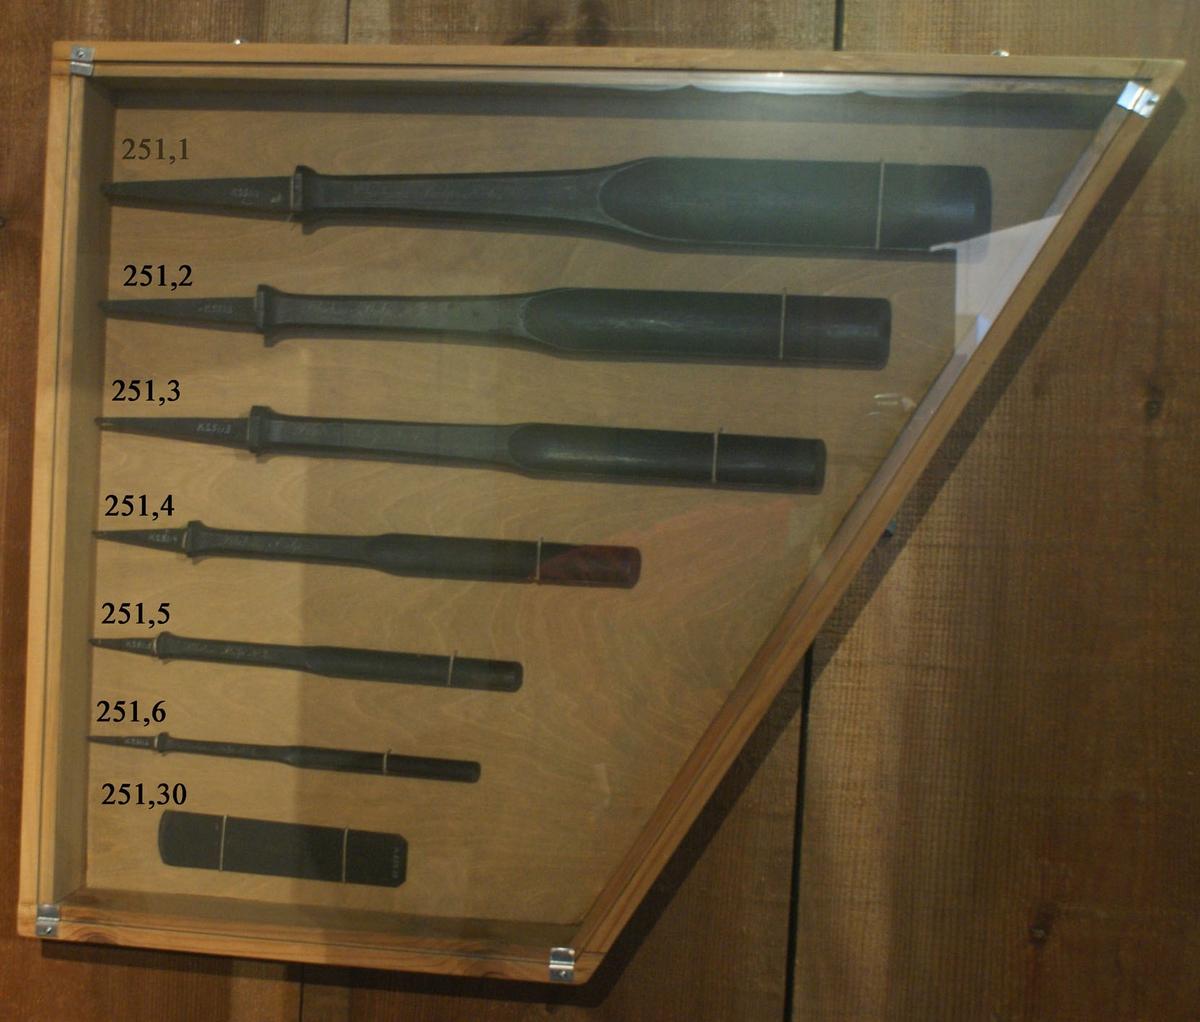 Blockmakareskölp. Timmermans- och Blockamakareverktyg modeller av trä, svartmålade, samt spik för örlogsvarvet i Karlskrona år 1829.